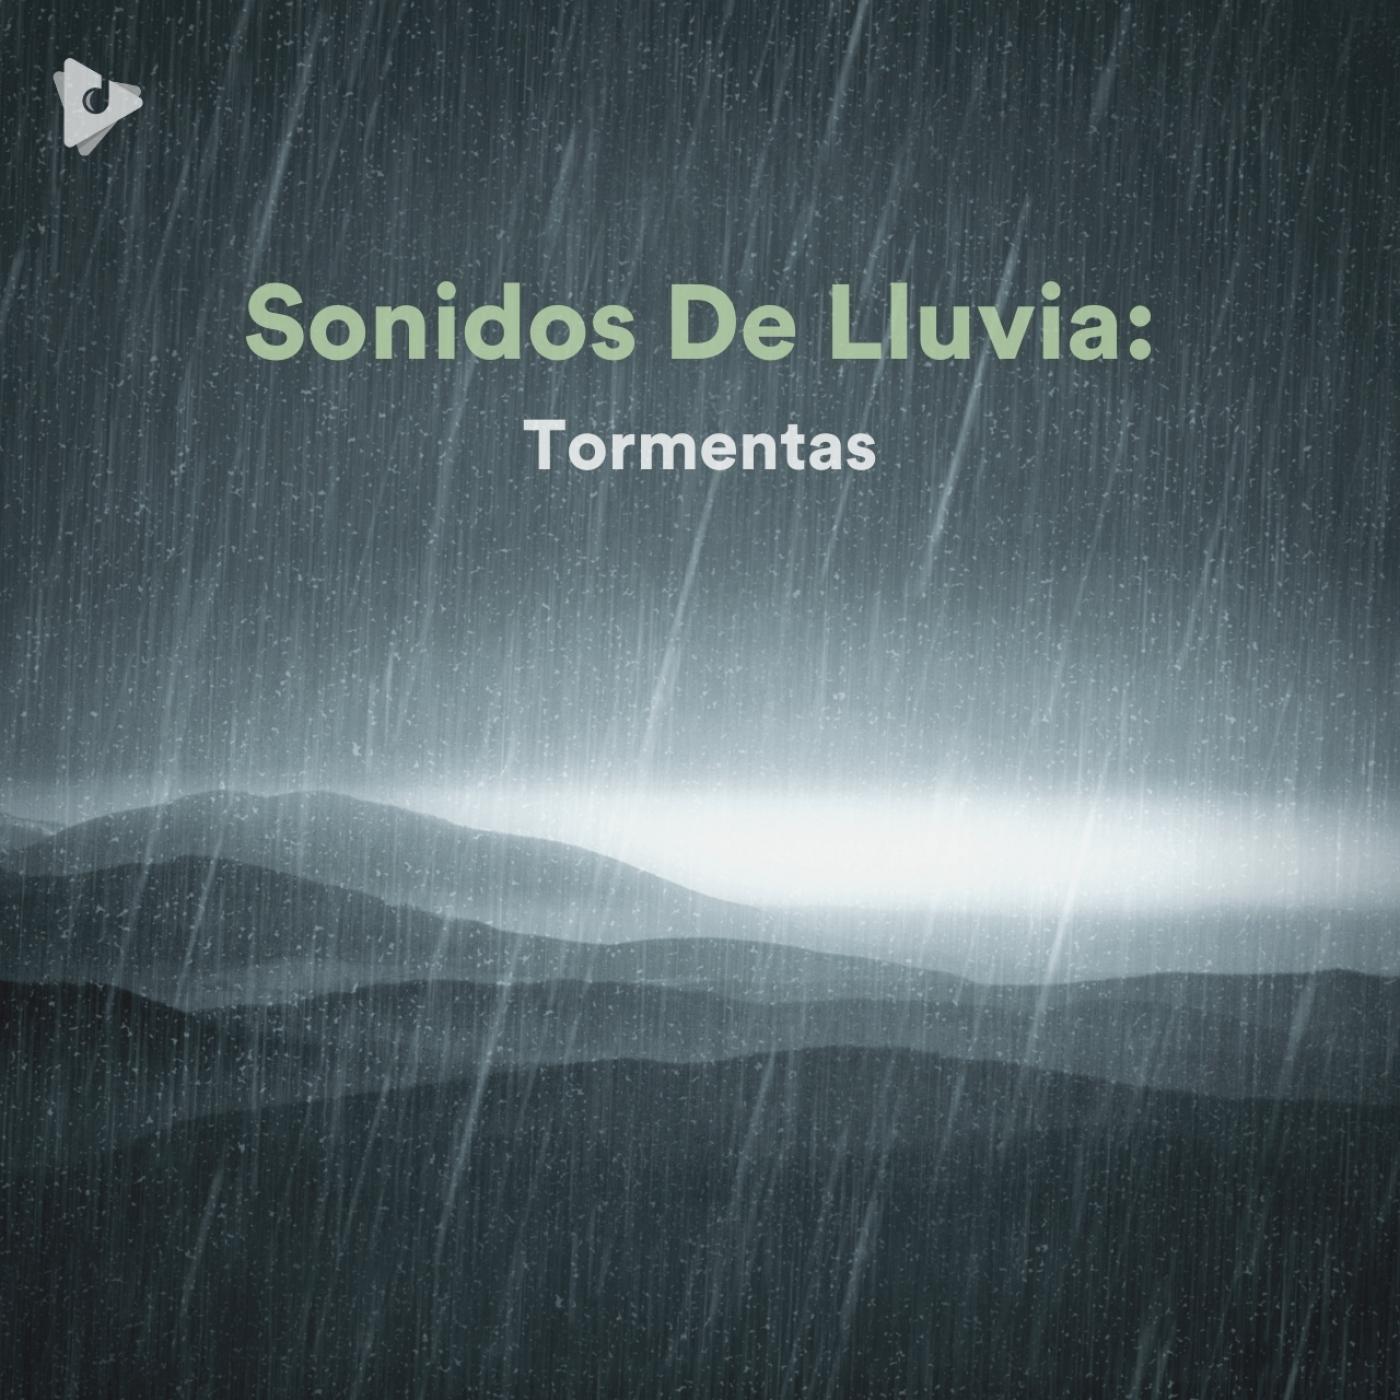 Sonidos De Lluvia: Tormenta